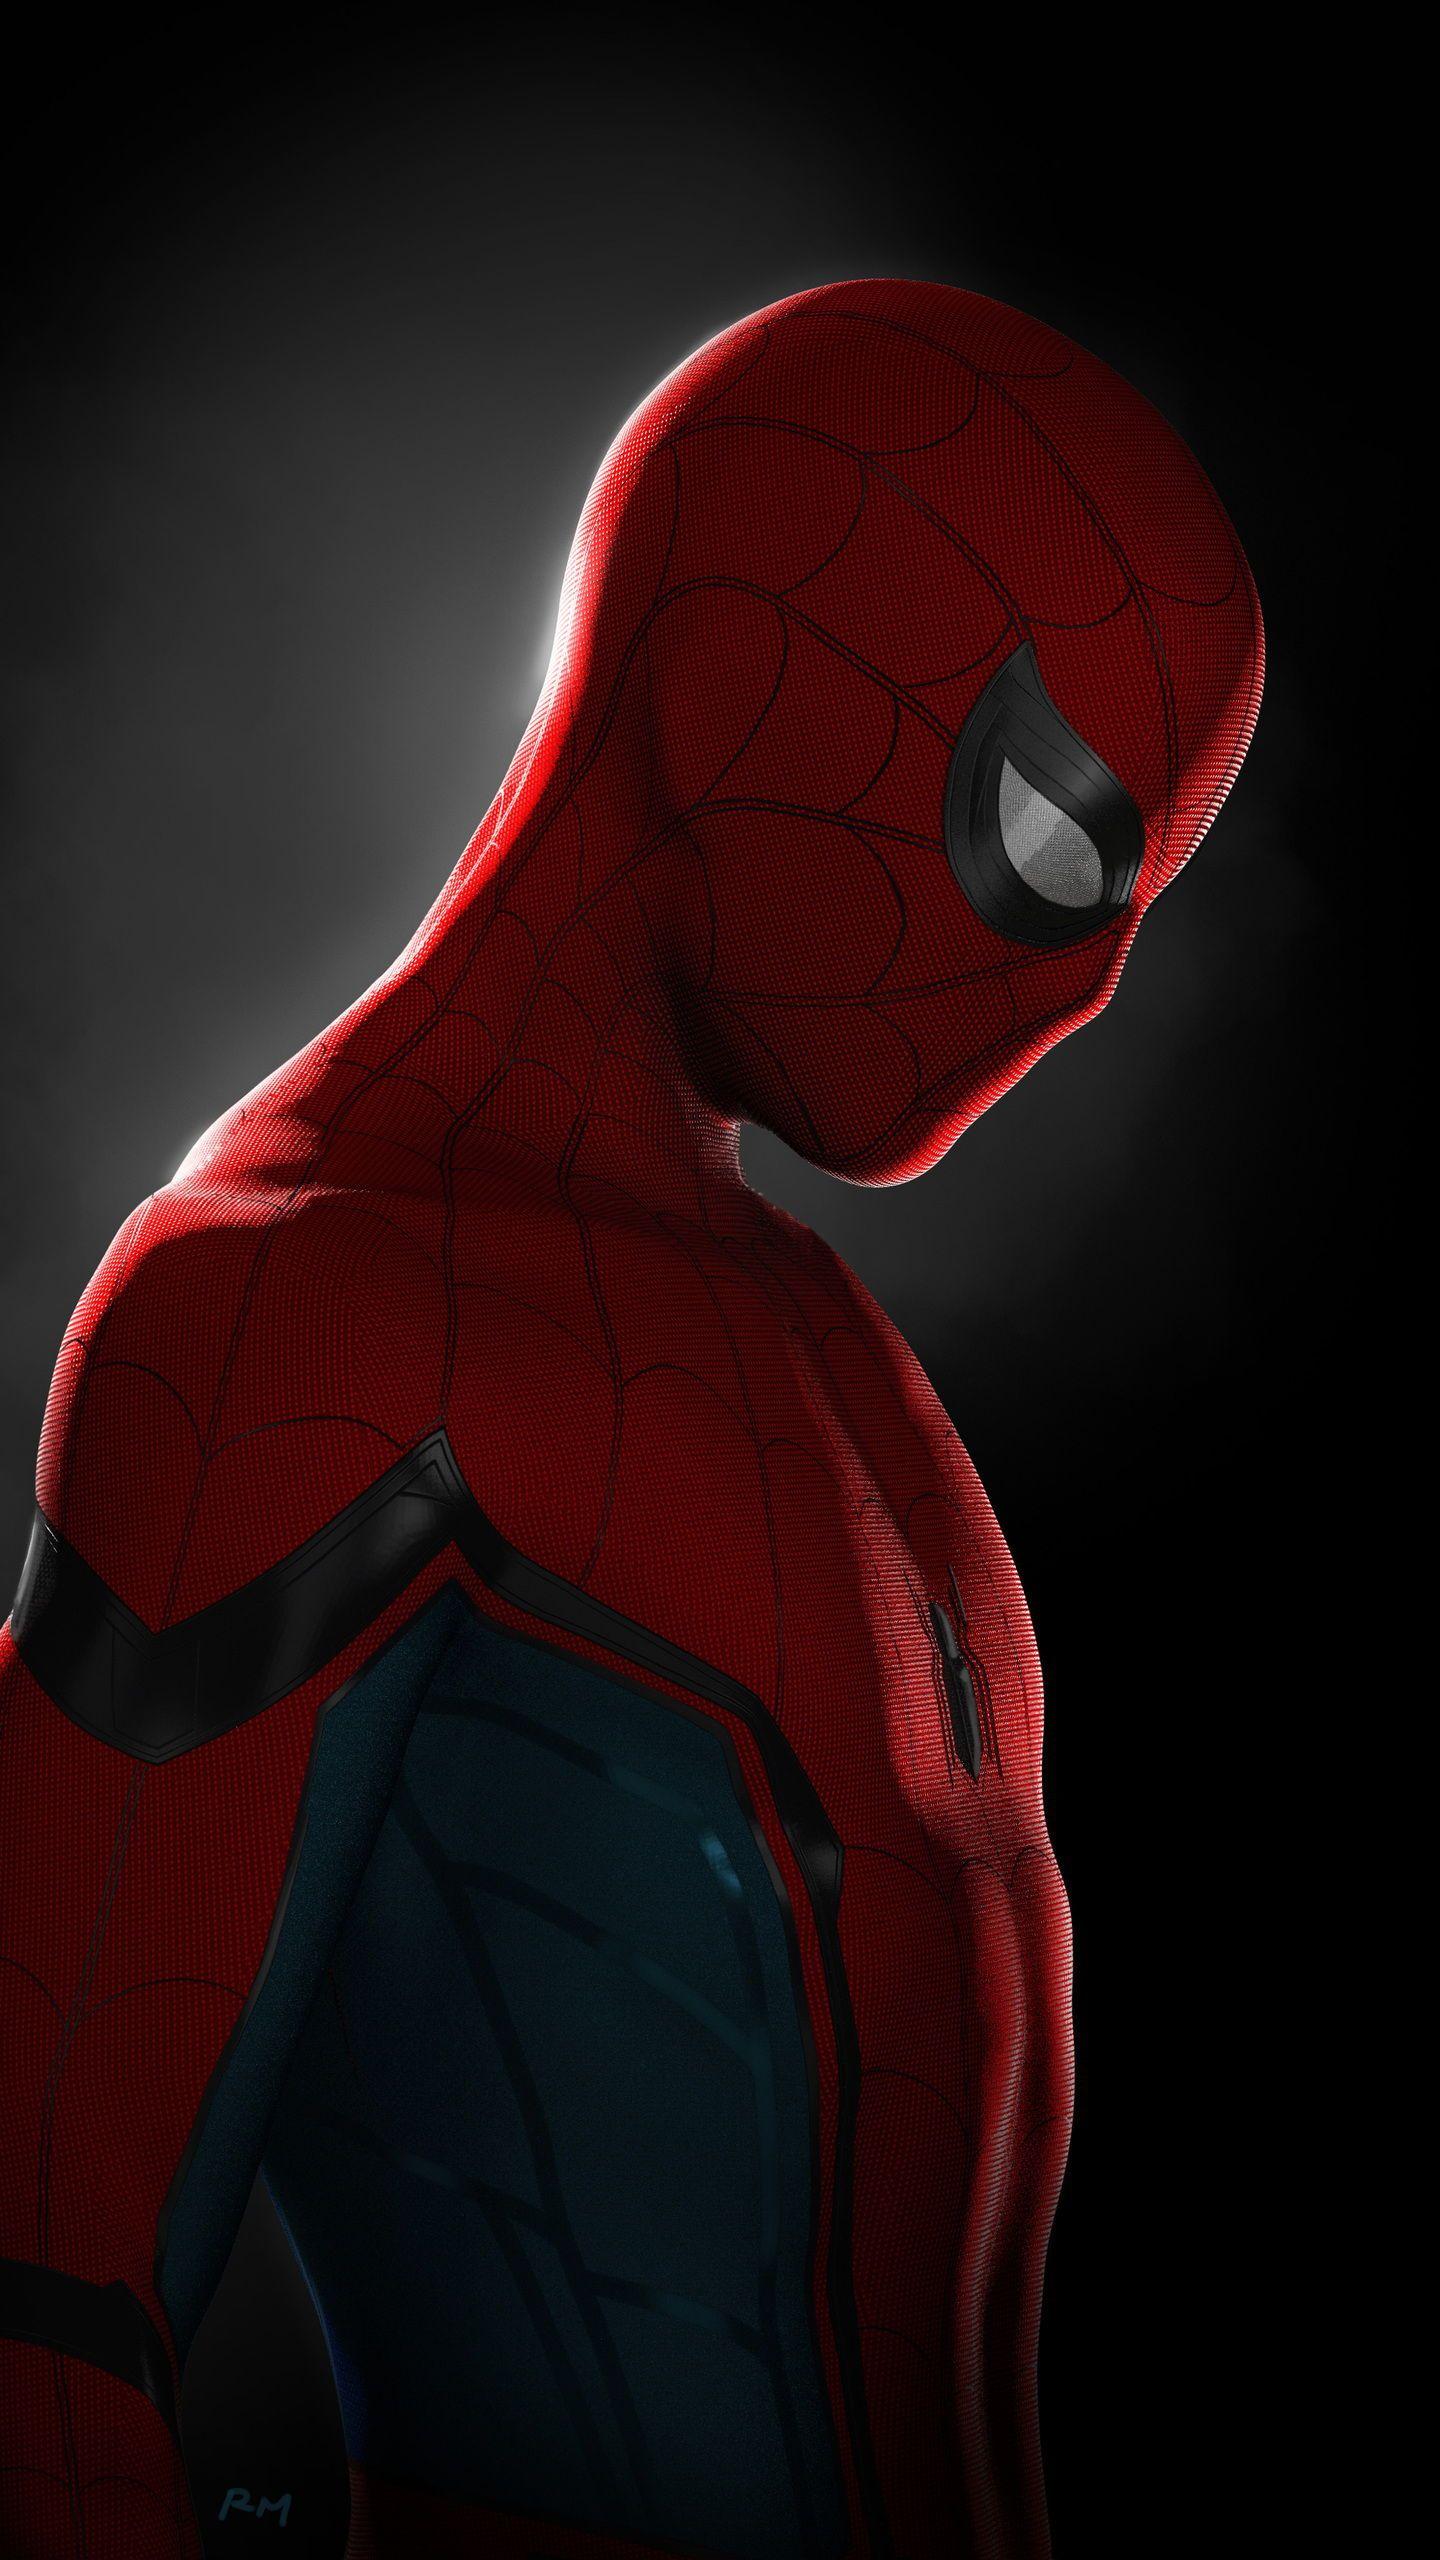 Download Spider Man Hd Wallpapers Follow Wallpaper Hook